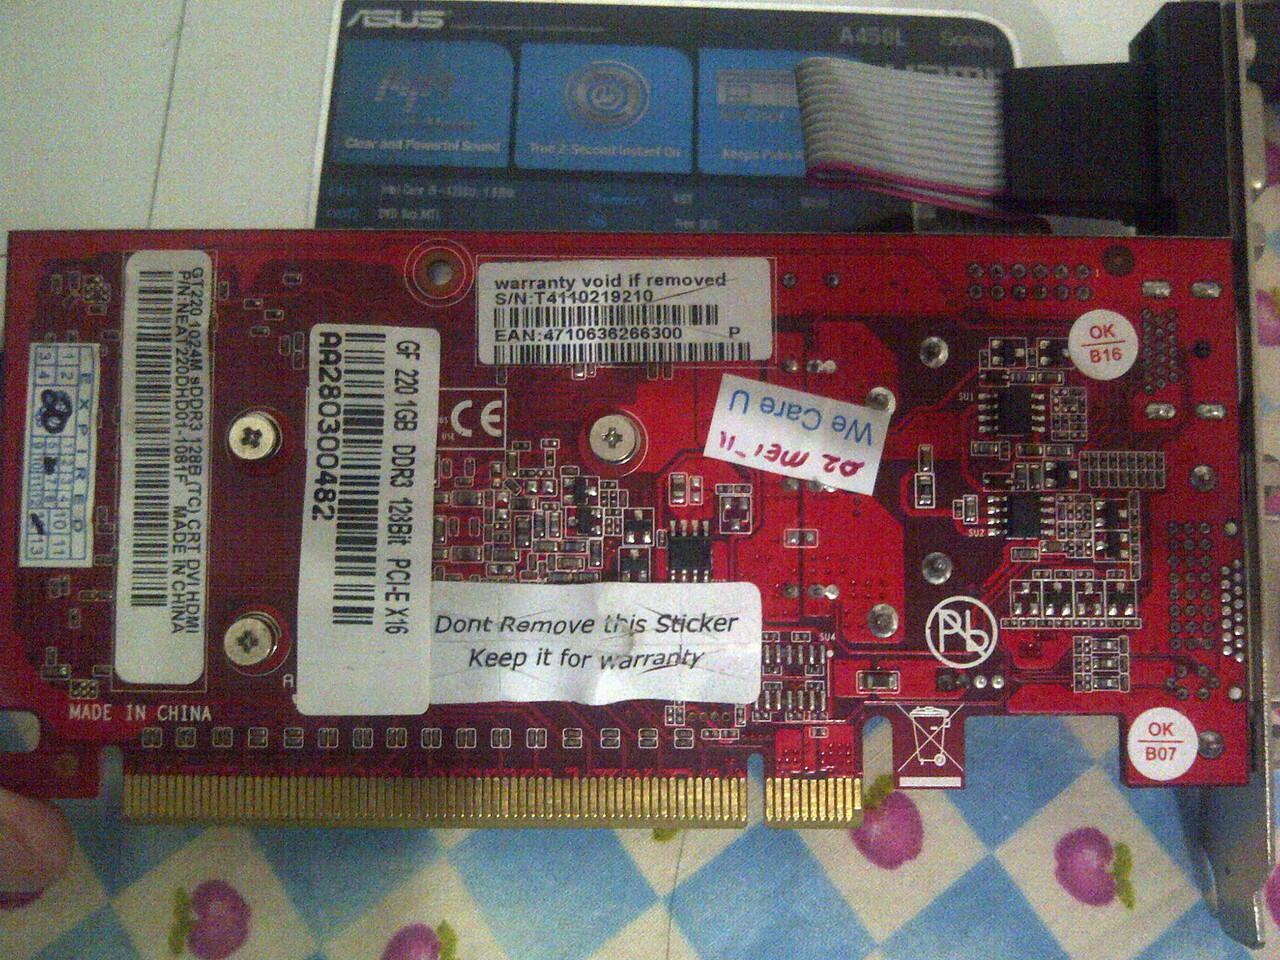 Terjual Jual Vga Digital Alliance Da Geforce Gt 220 1gb Ddr3 128 Card Gt220 Bit Second